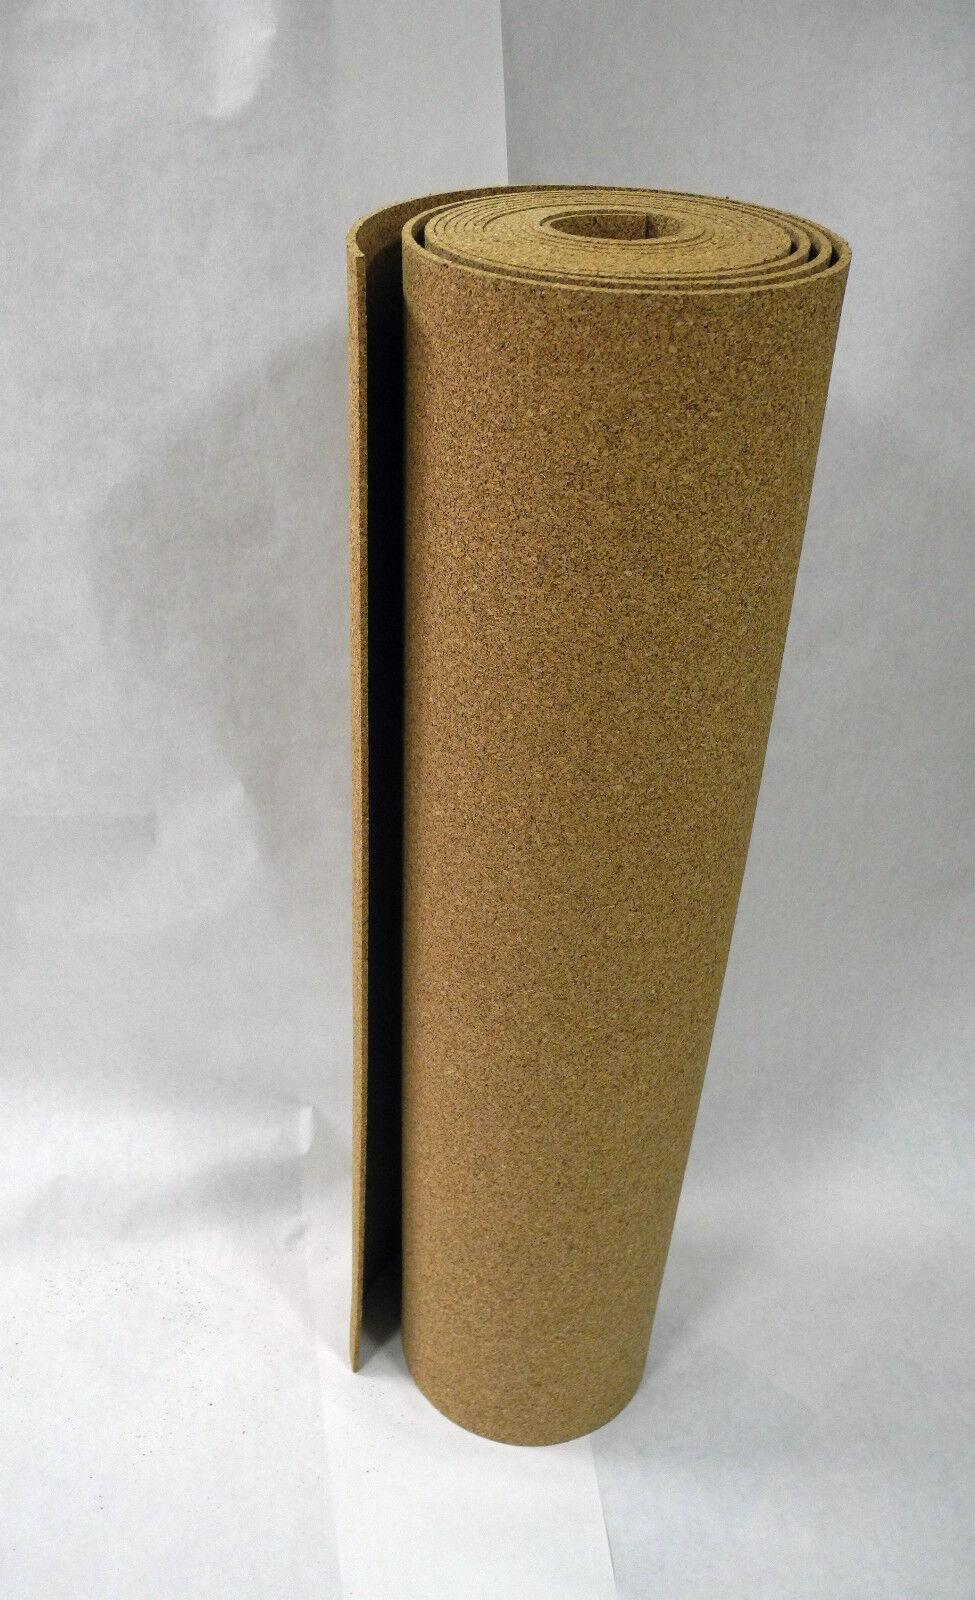 6 mm Rollenkork, Kork 5 m², Dämmunterlage, Schallisolierung, Pinnwand, Akustik